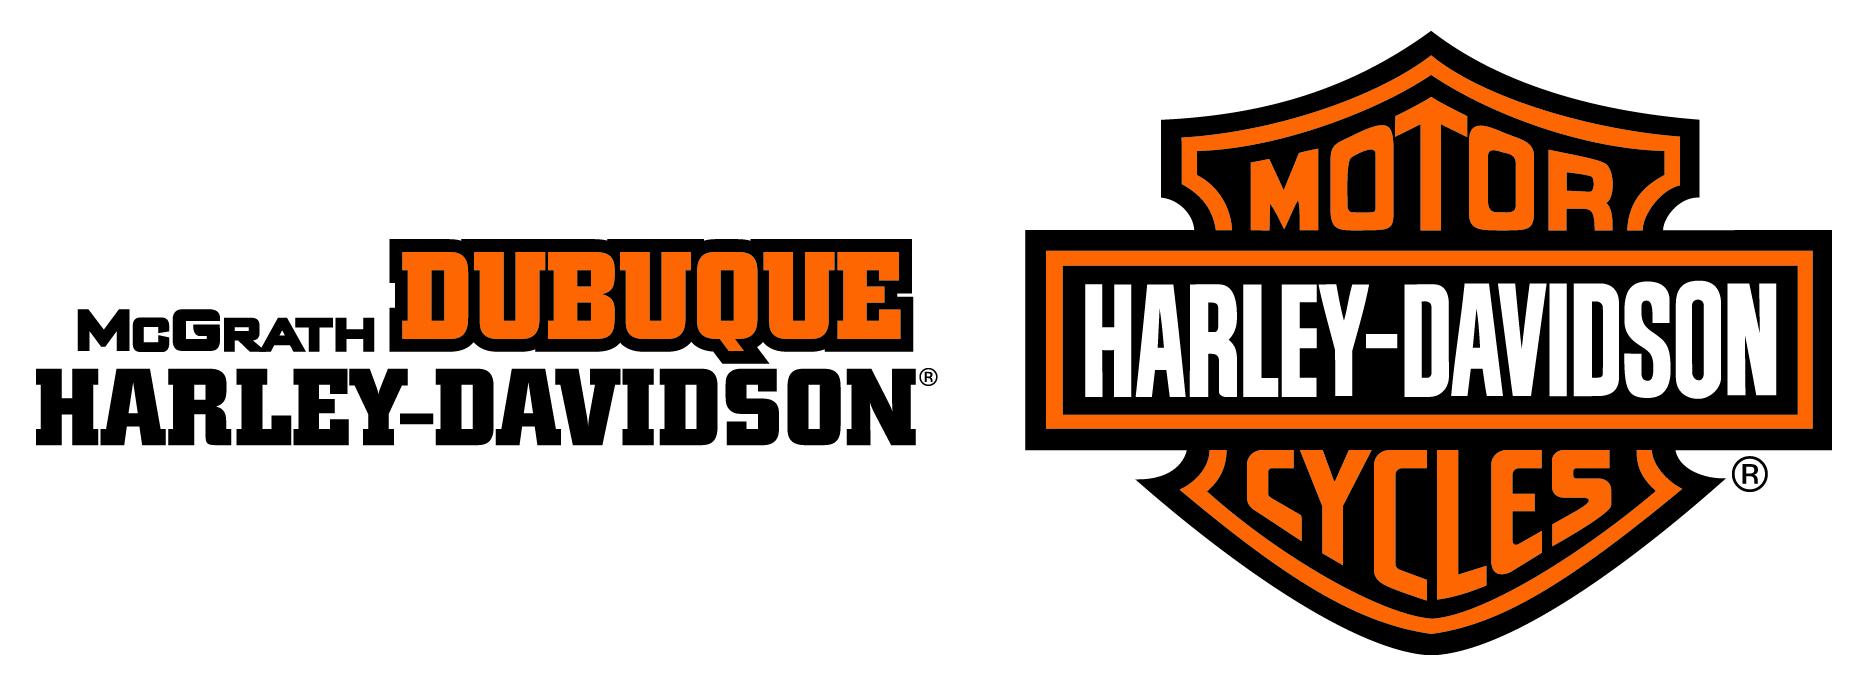 mcgrath logos j w morton   associates client area harley davidson logos free harley davidson logo png